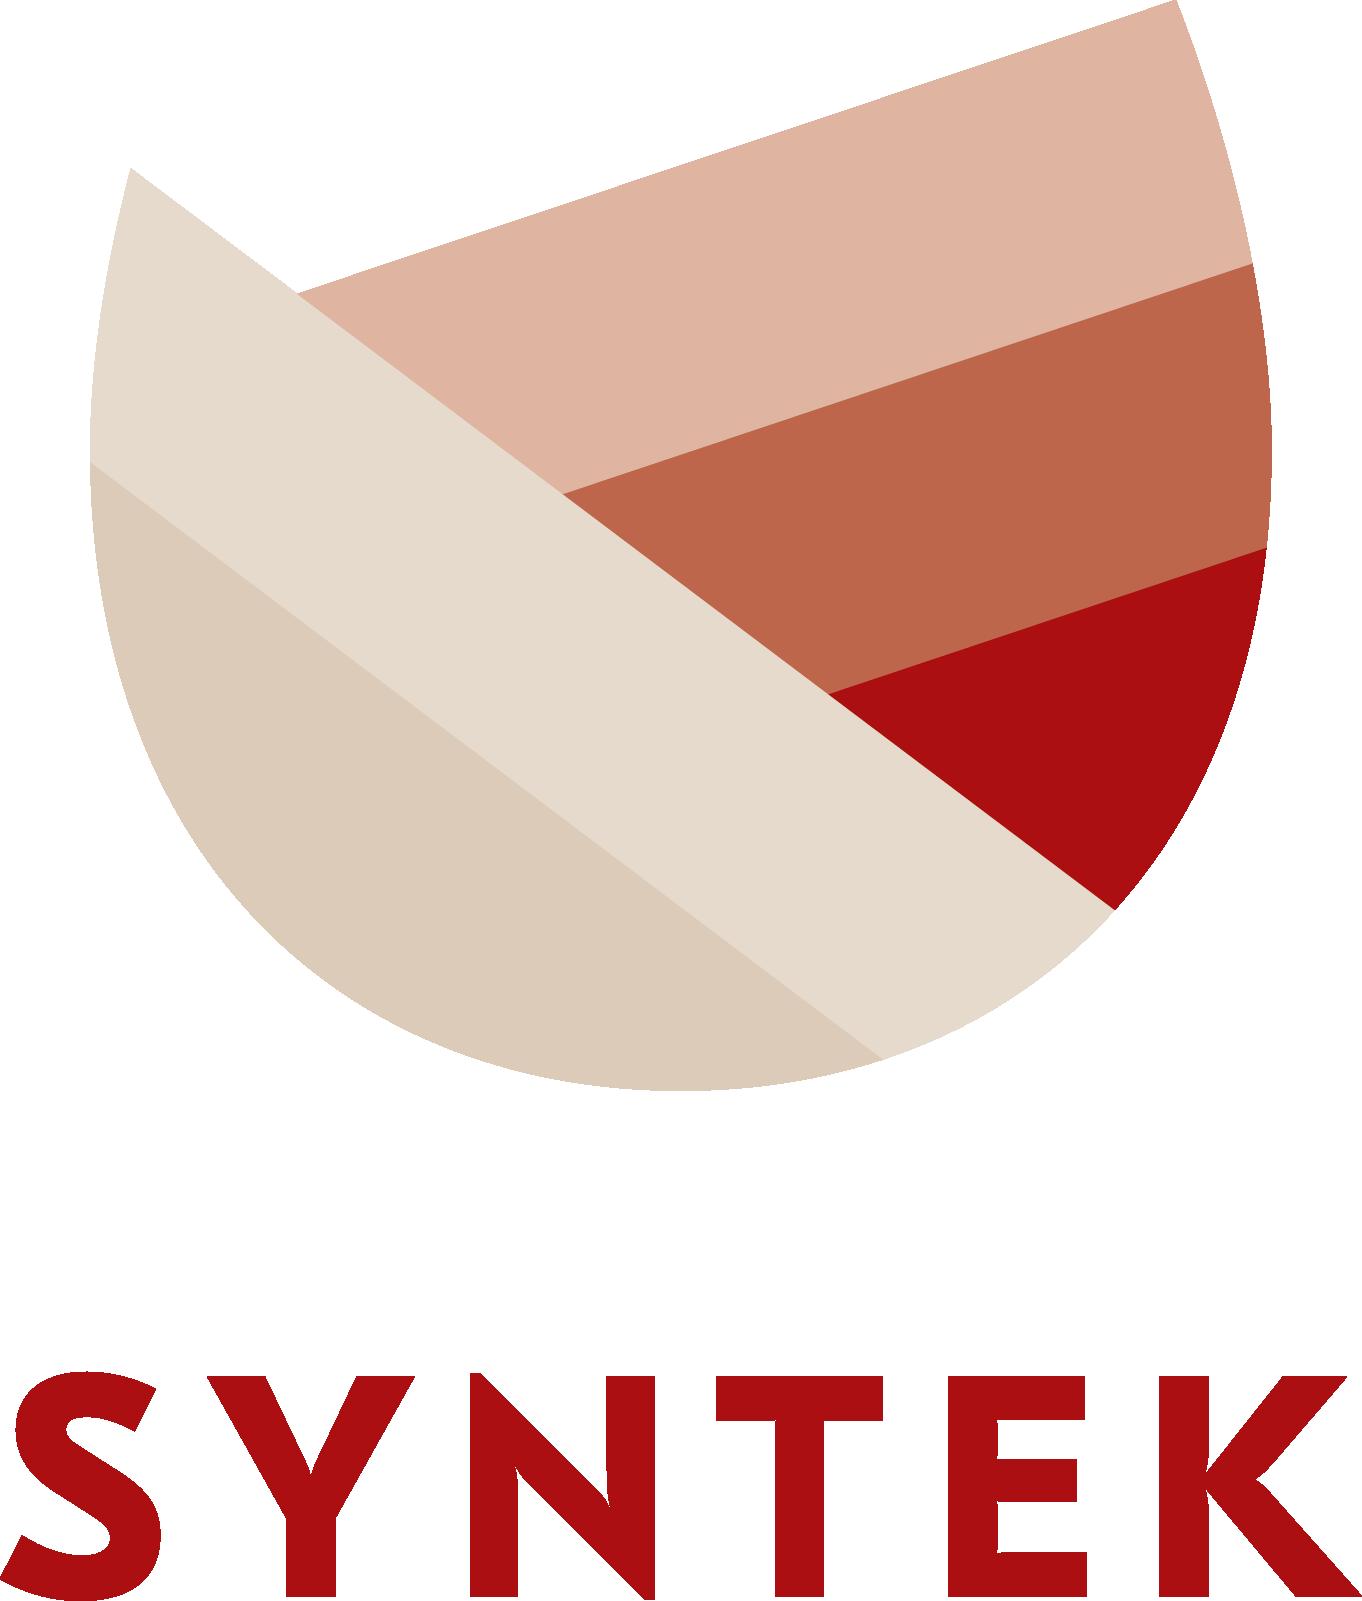 syntek-colored